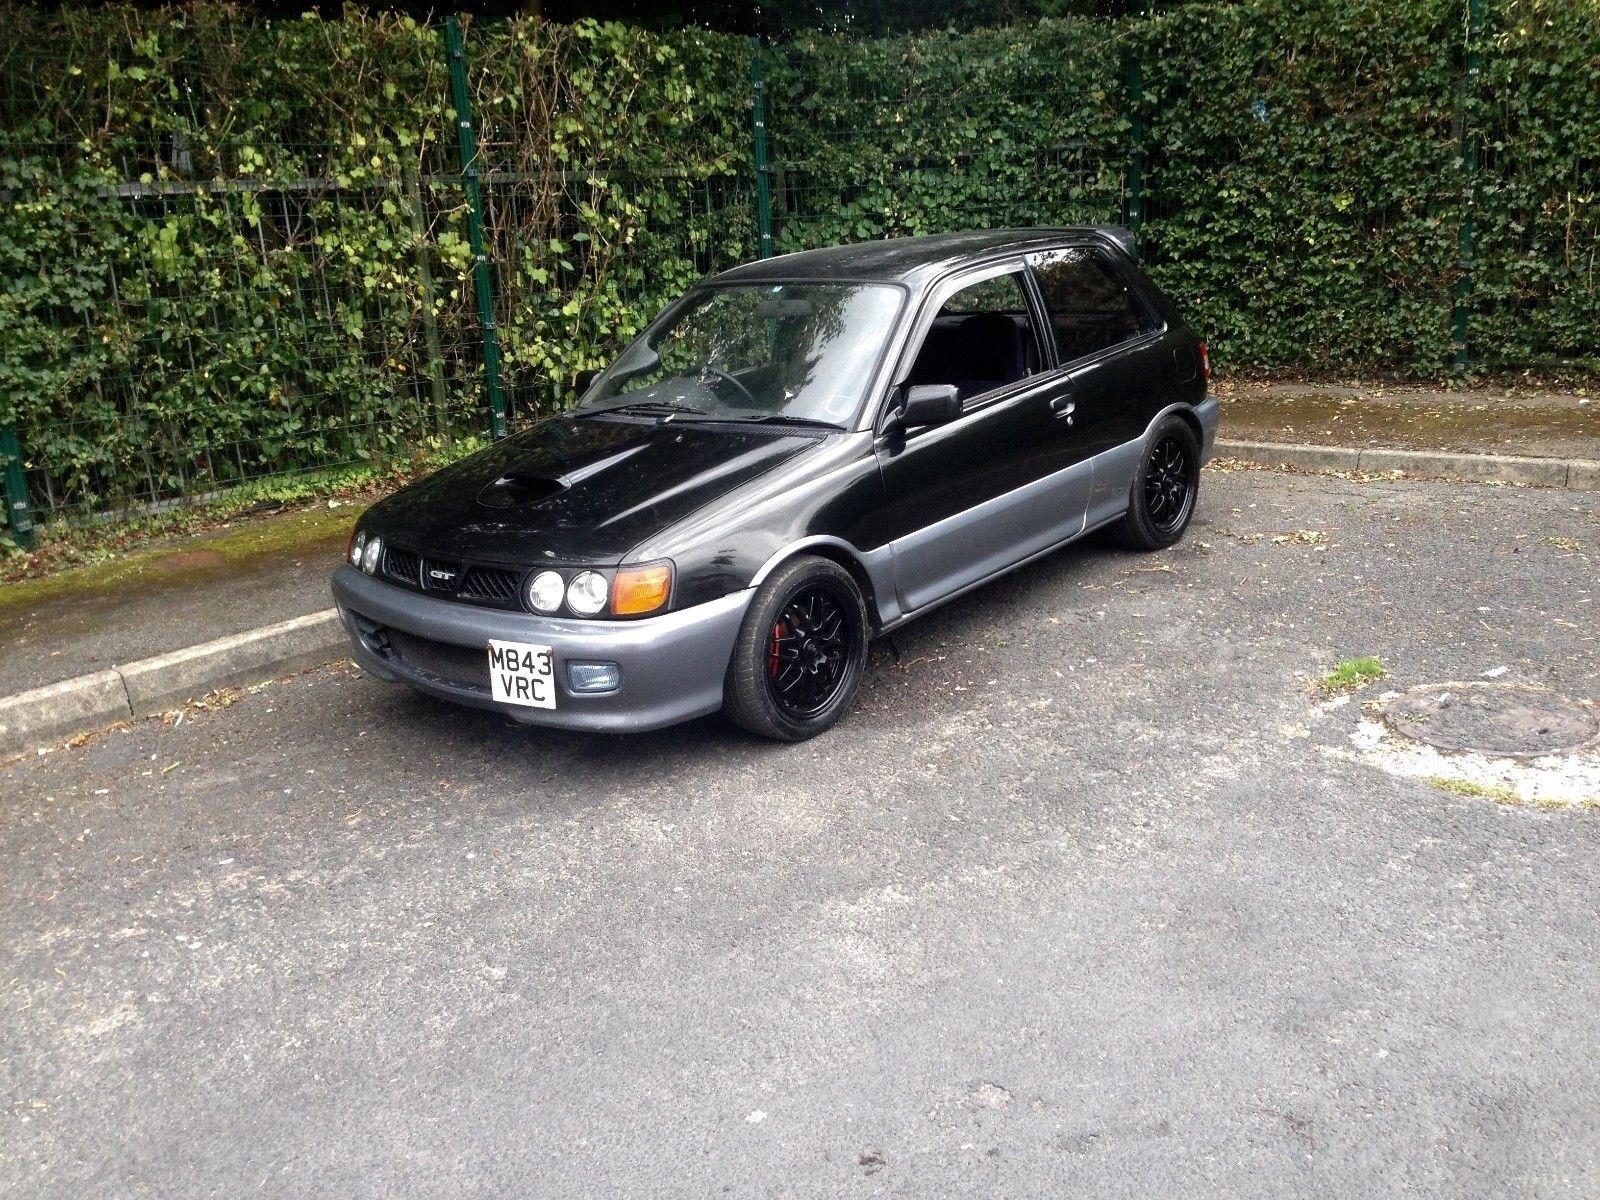 this starlet gt turbo advance manual mot till march 2018 not rh pinterest com Starlet GT Interior 1984 Toyota Starlet Front Bumper